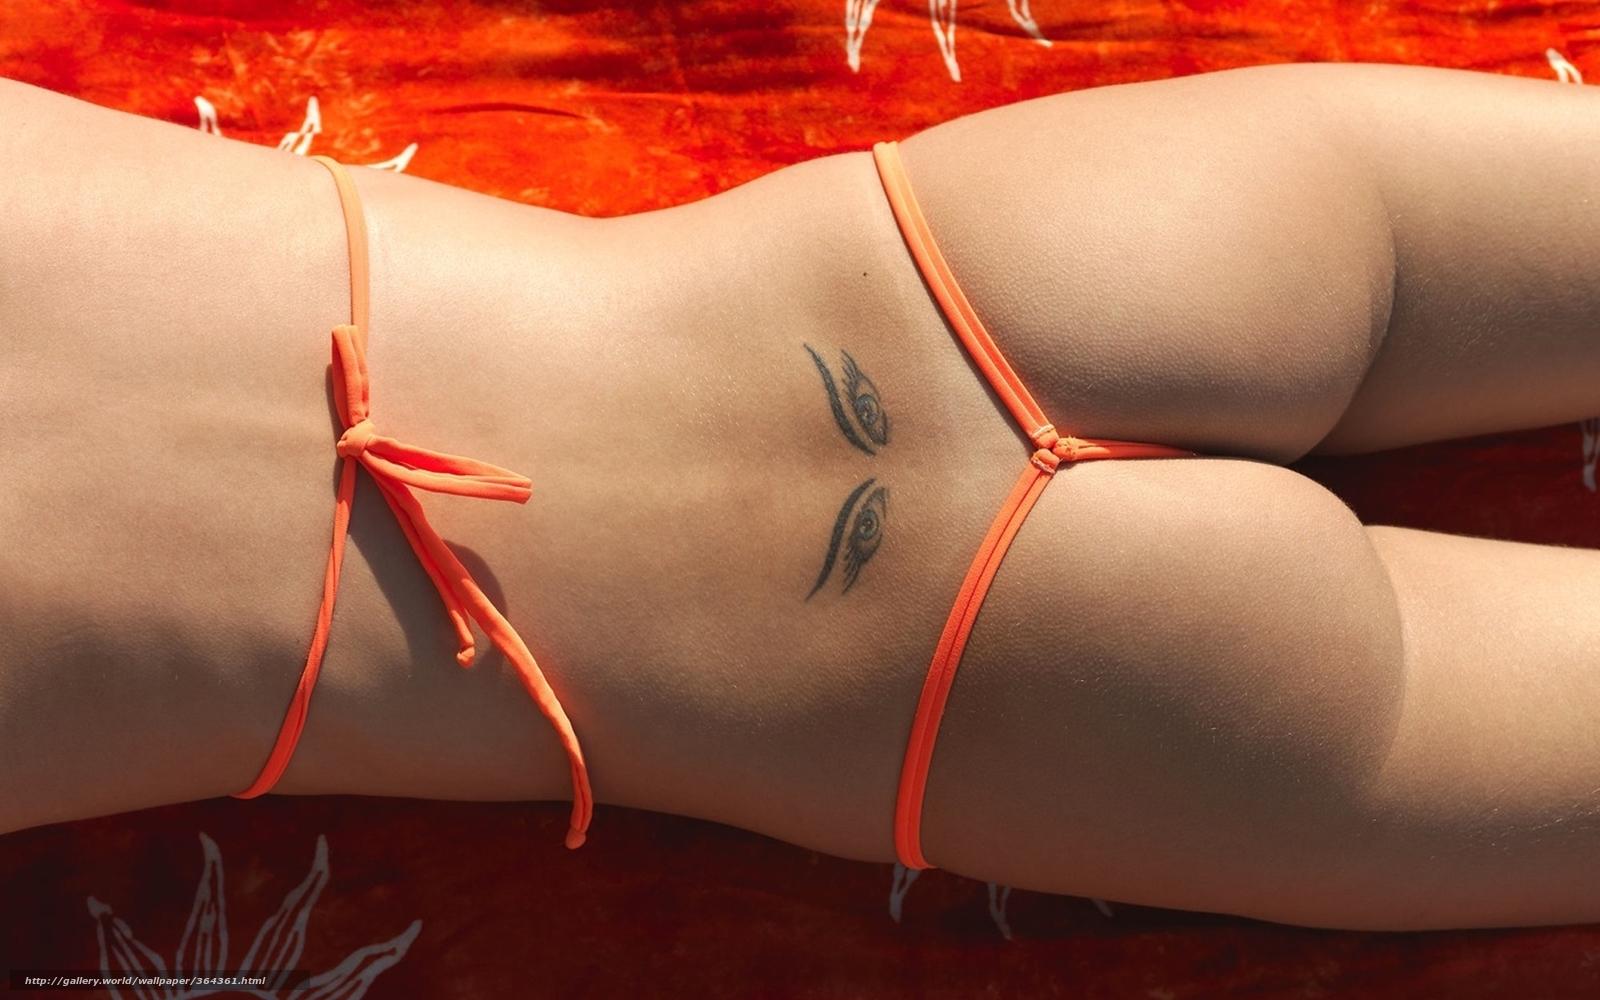 Фото девушек с татуировкой на попке 21 фотография